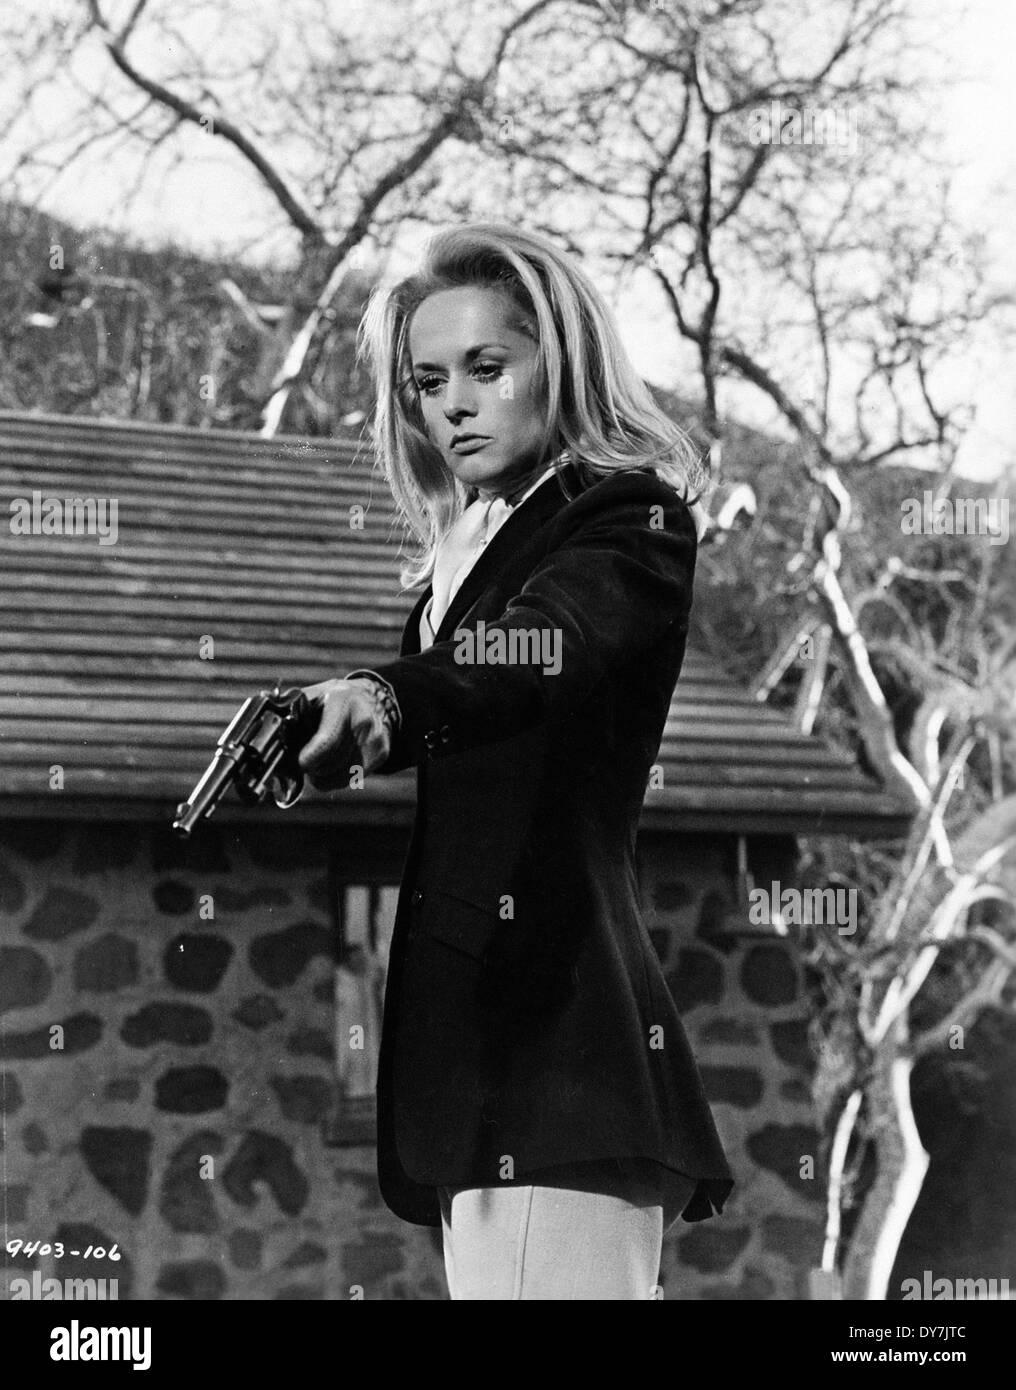 File:Alfred Hitchcock's Marnie Trailer - Tippi Hedren (2).png ...